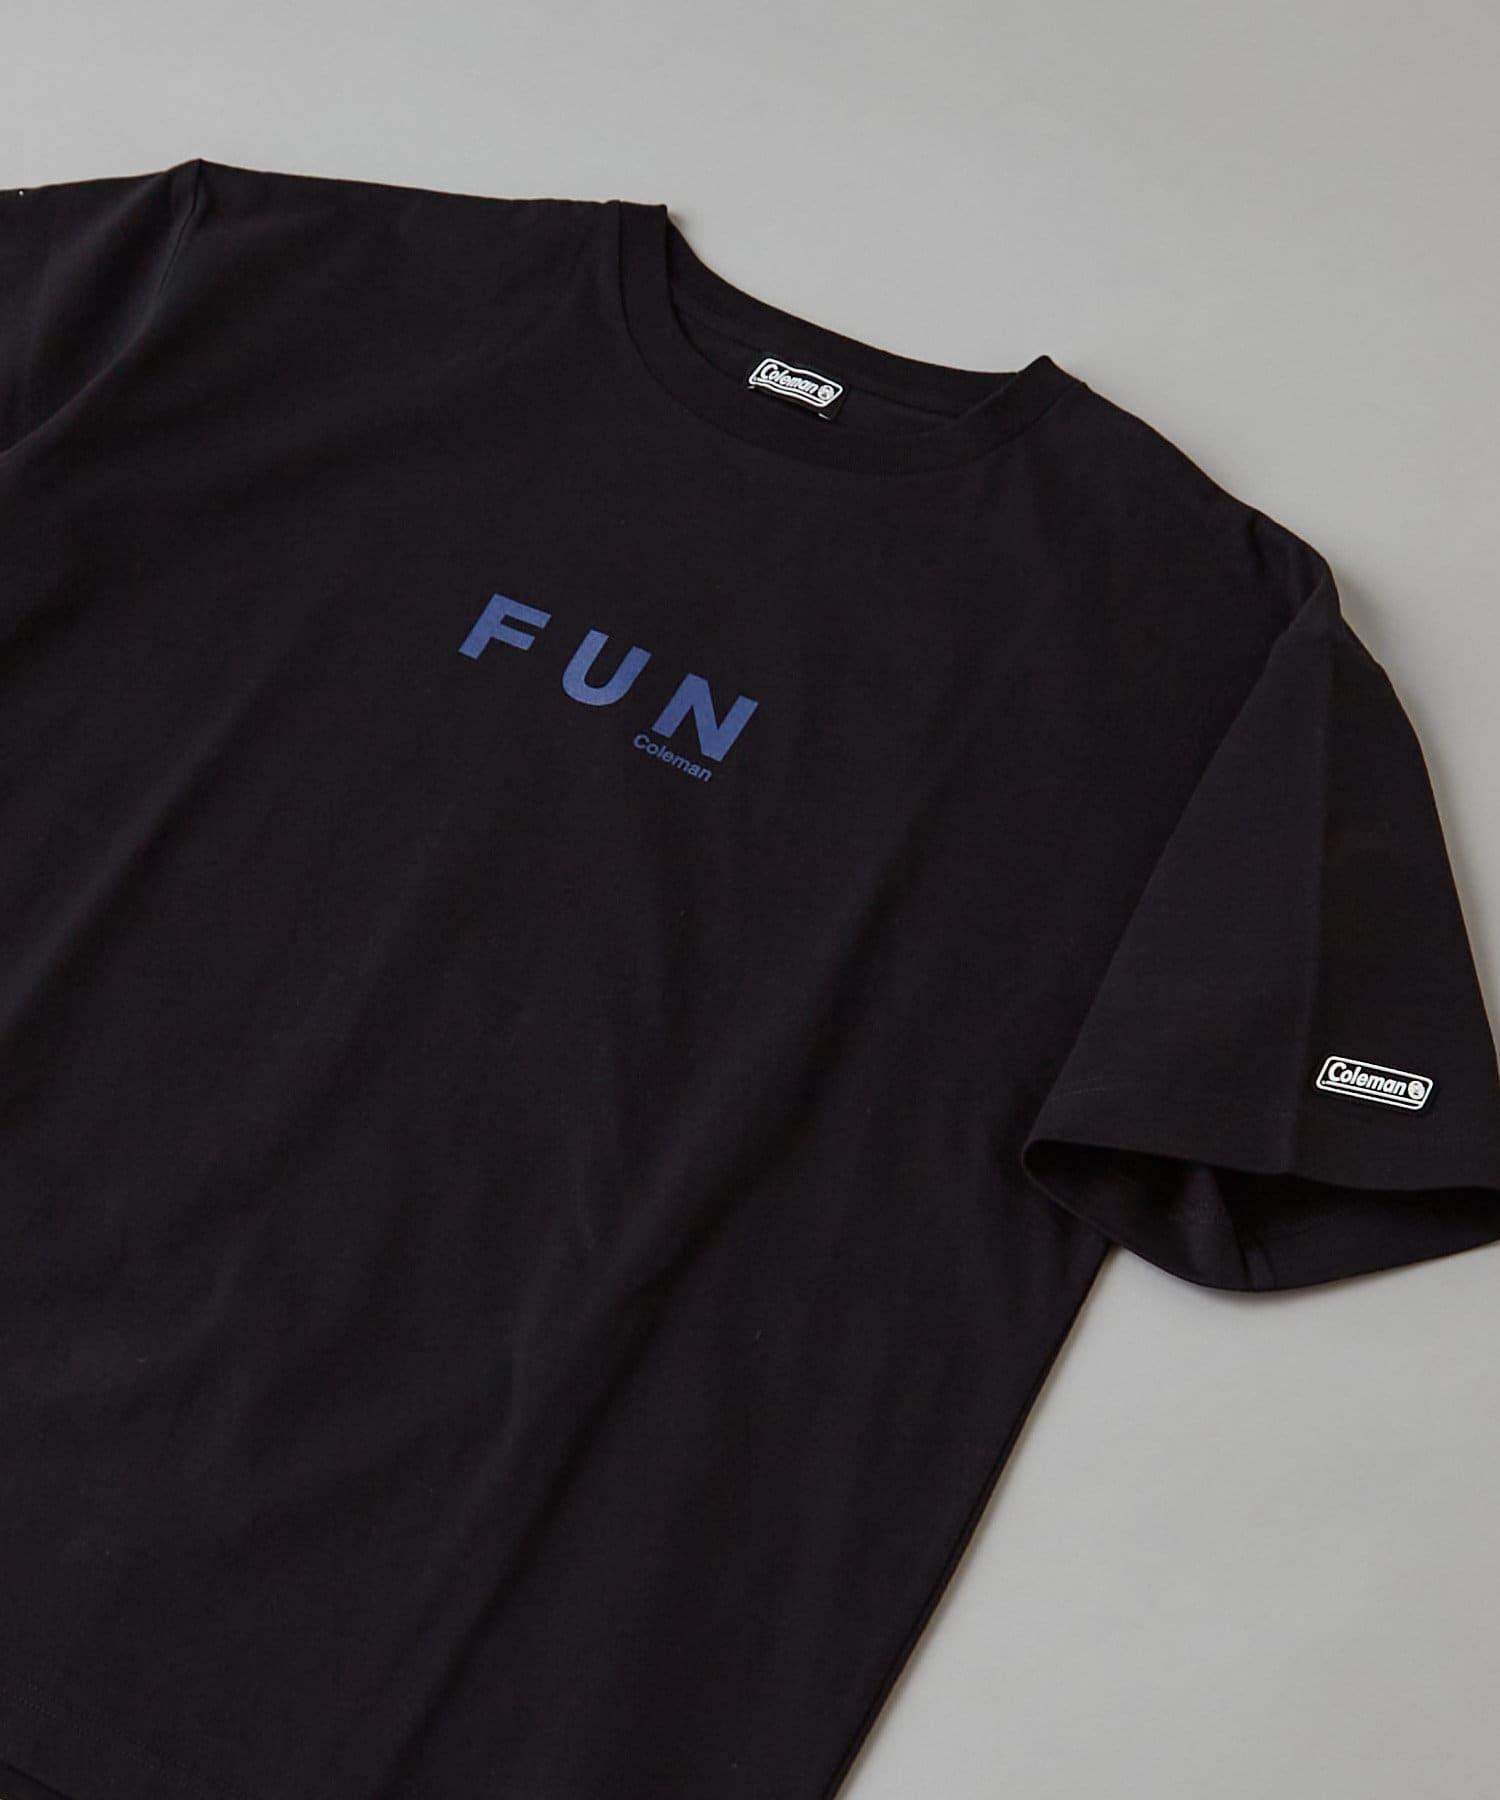 CIAOPANIC(チャオパニック) 【Coleman×CIAOPANIC】FUN バックプリントロゴTシャツ